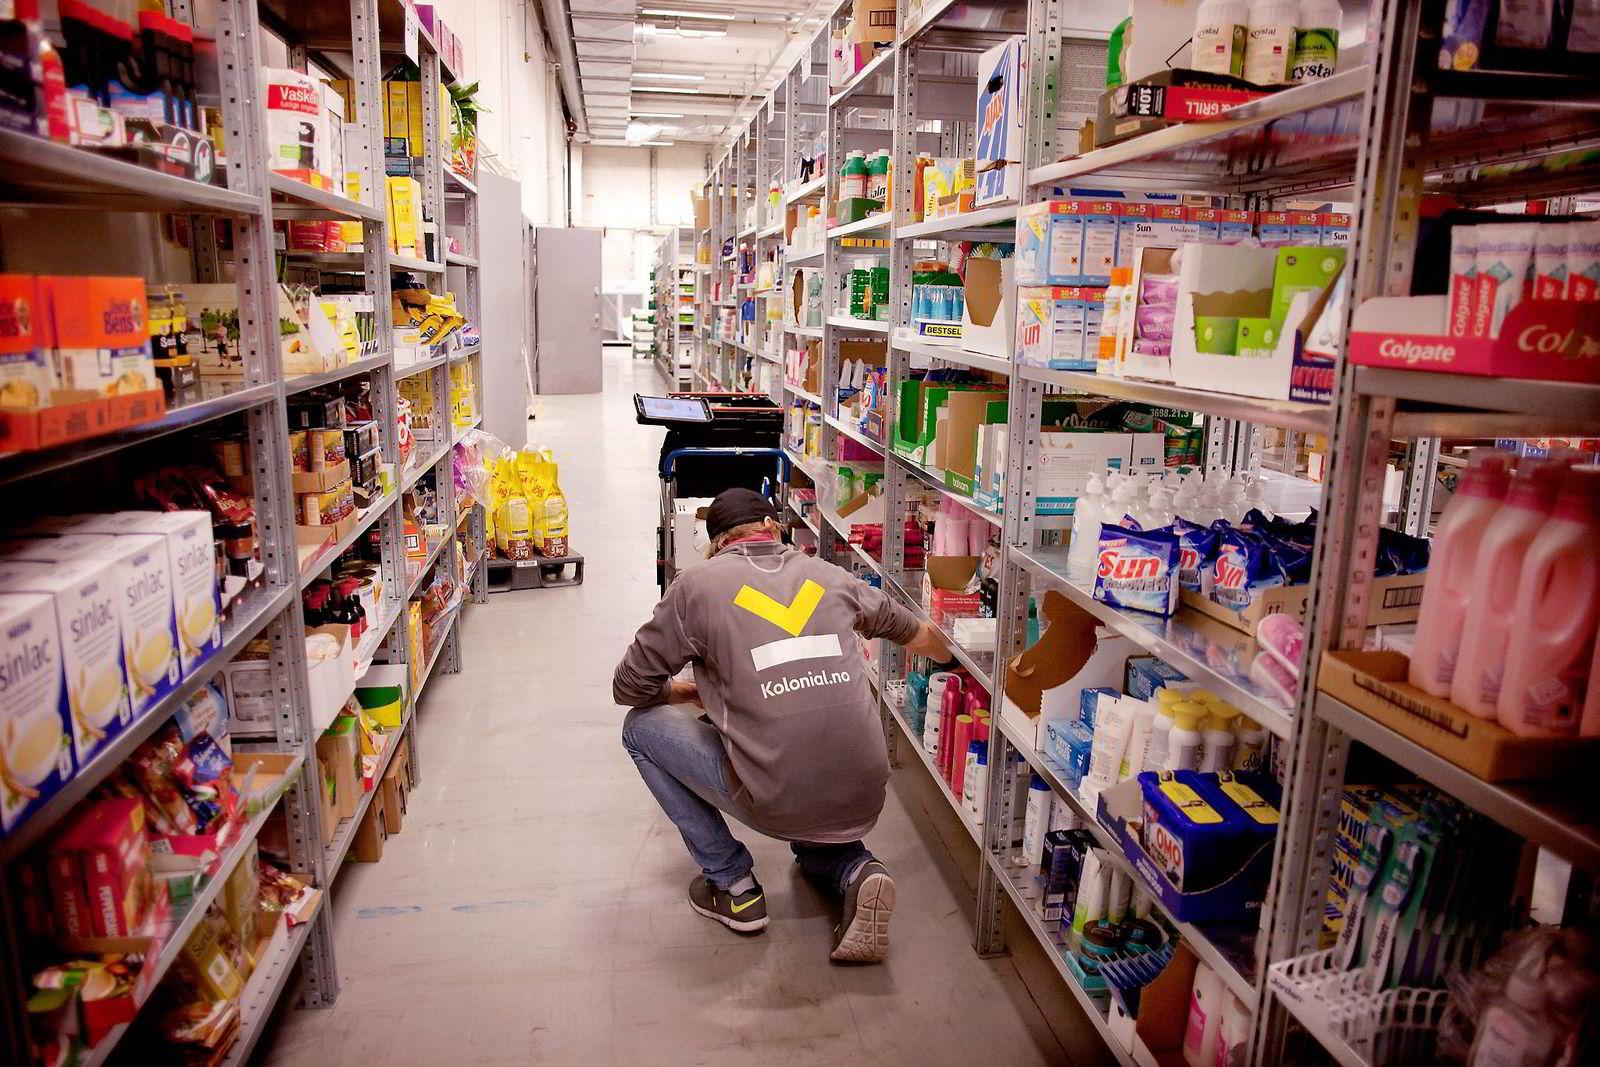 Aktører som i dag tilbyr «dagligvarer på nett», som Marked.no og Kolonial.no, må forholde seg til en høy miks av ulike ordre- og produktsammensetninger og et varierende etterspørselsmønster, skriver innleggsforfatterne. På bildet pakkes dagligvarer på vei ut til kunder. Foto: